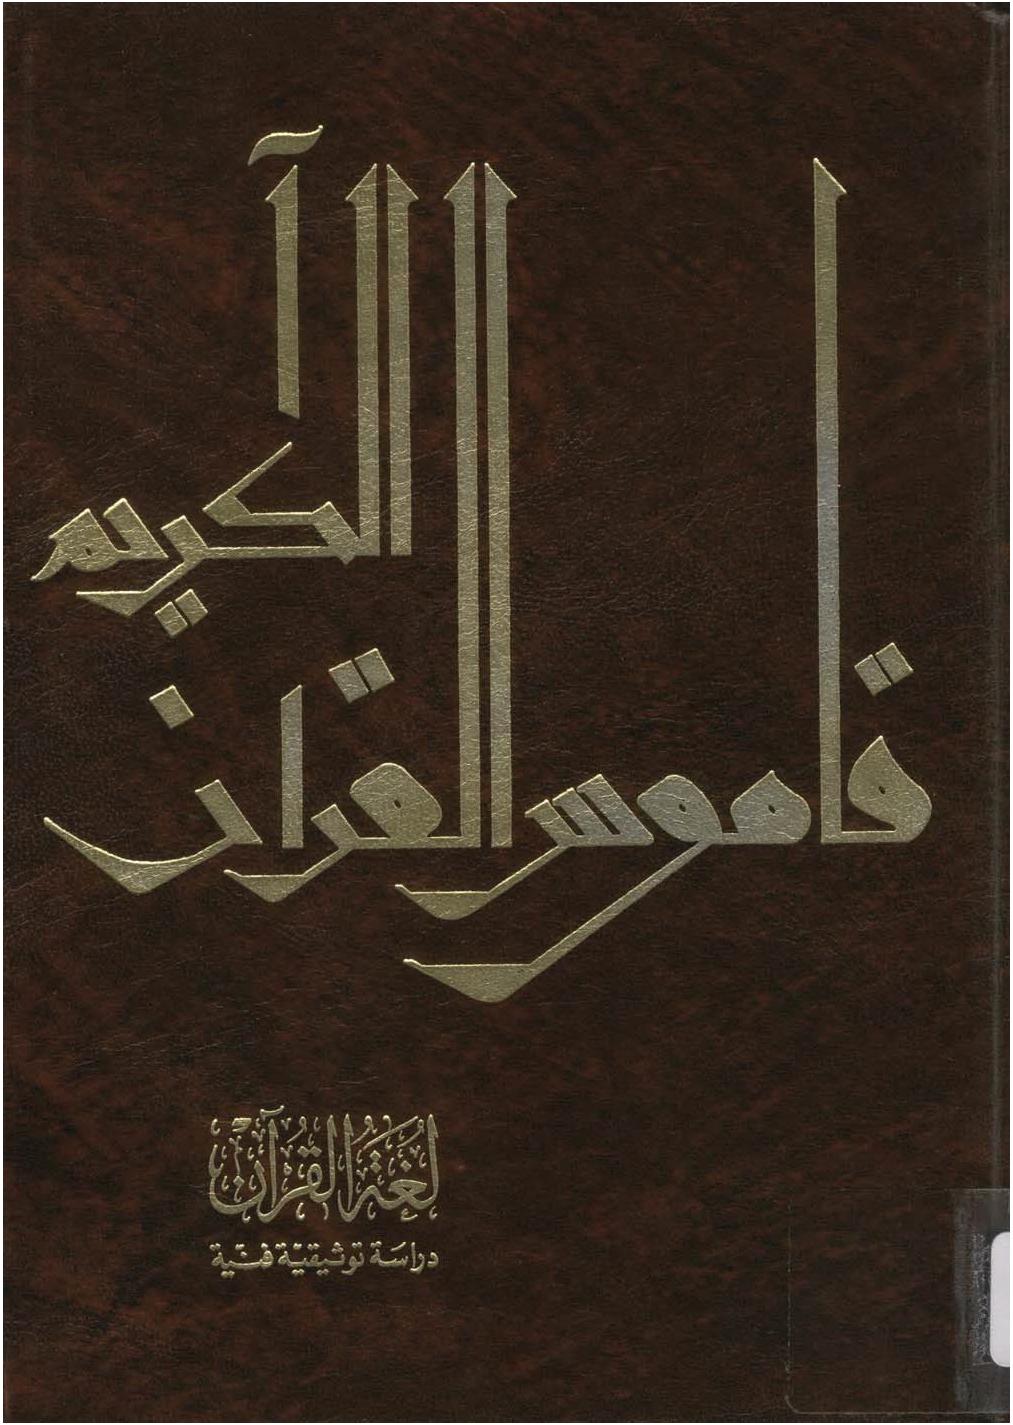 تحميل كتاب لغة القرآن: دراسة توثيقية فنية لـِ: الدكتور أحمد مختار عبد الحميد عمر (ت 1424)